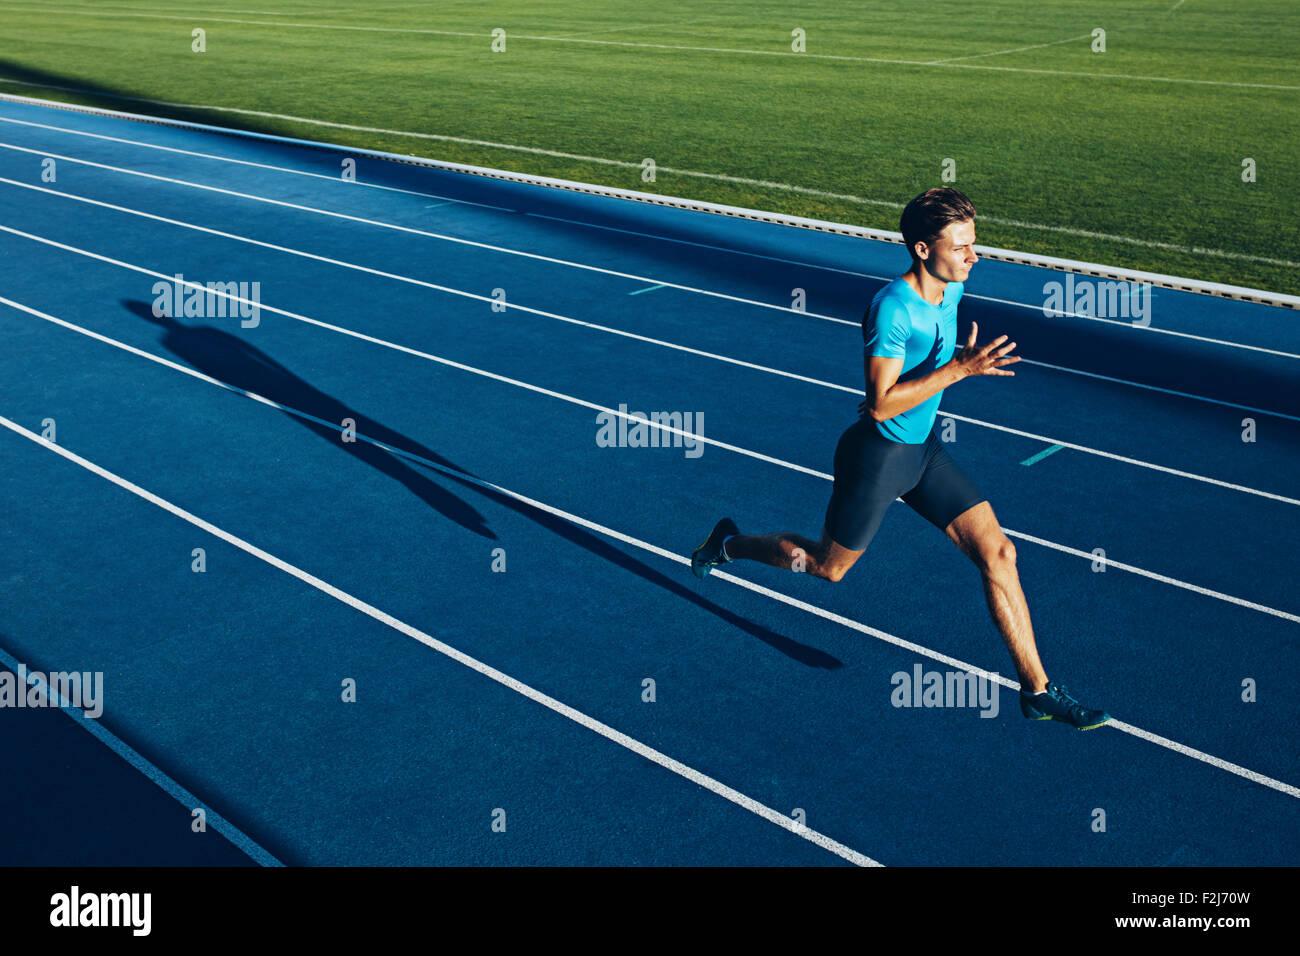 Foto de un joven atleta masculino entrenamiento en una pista de carreras. La velocista corriendo en pistas de atletismo. Imagen De Stock